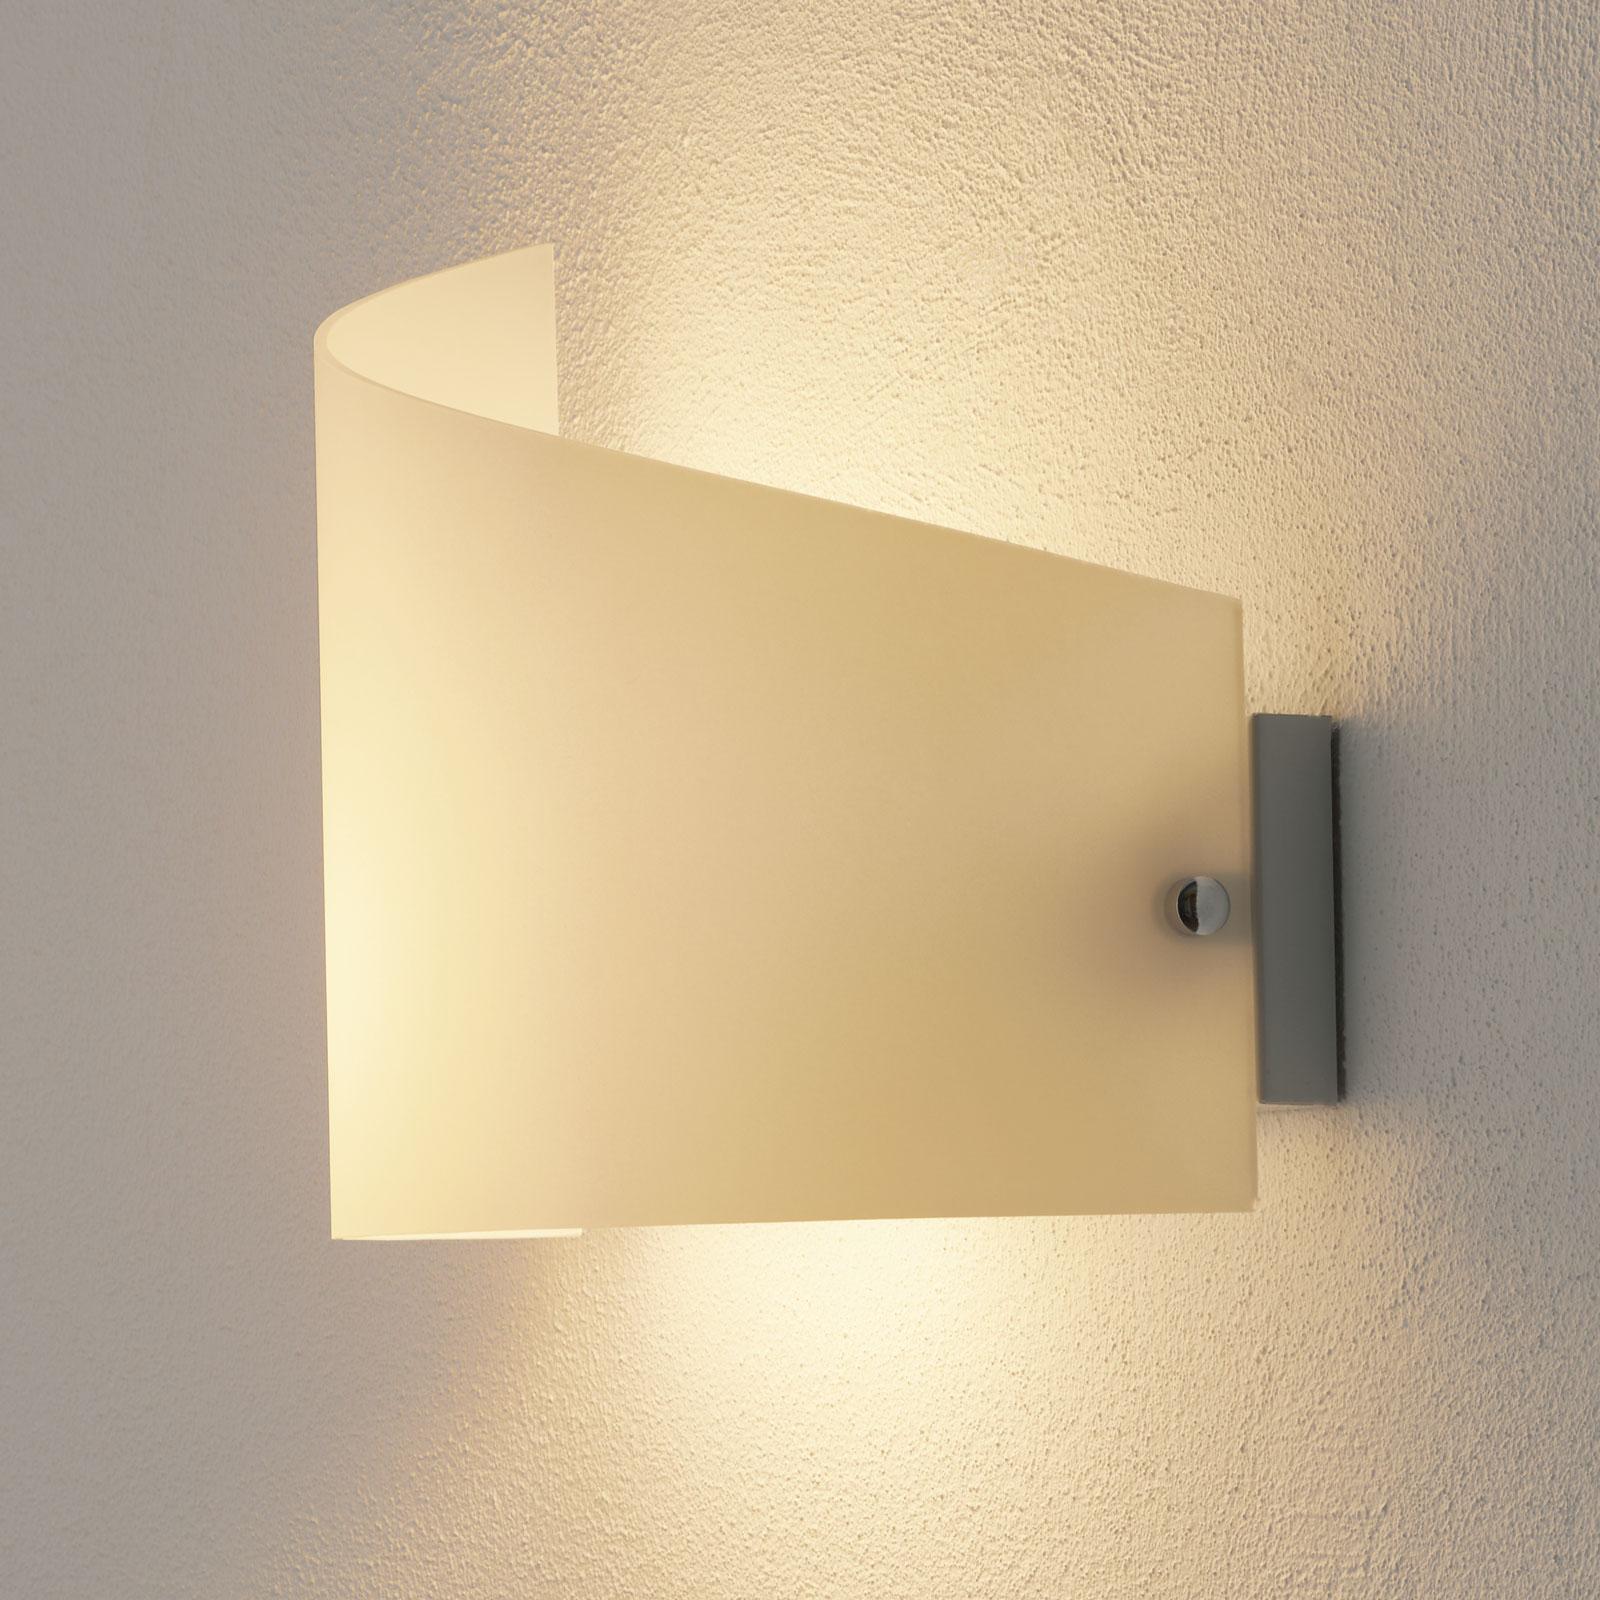 Moa væglampe med buet glasskærm